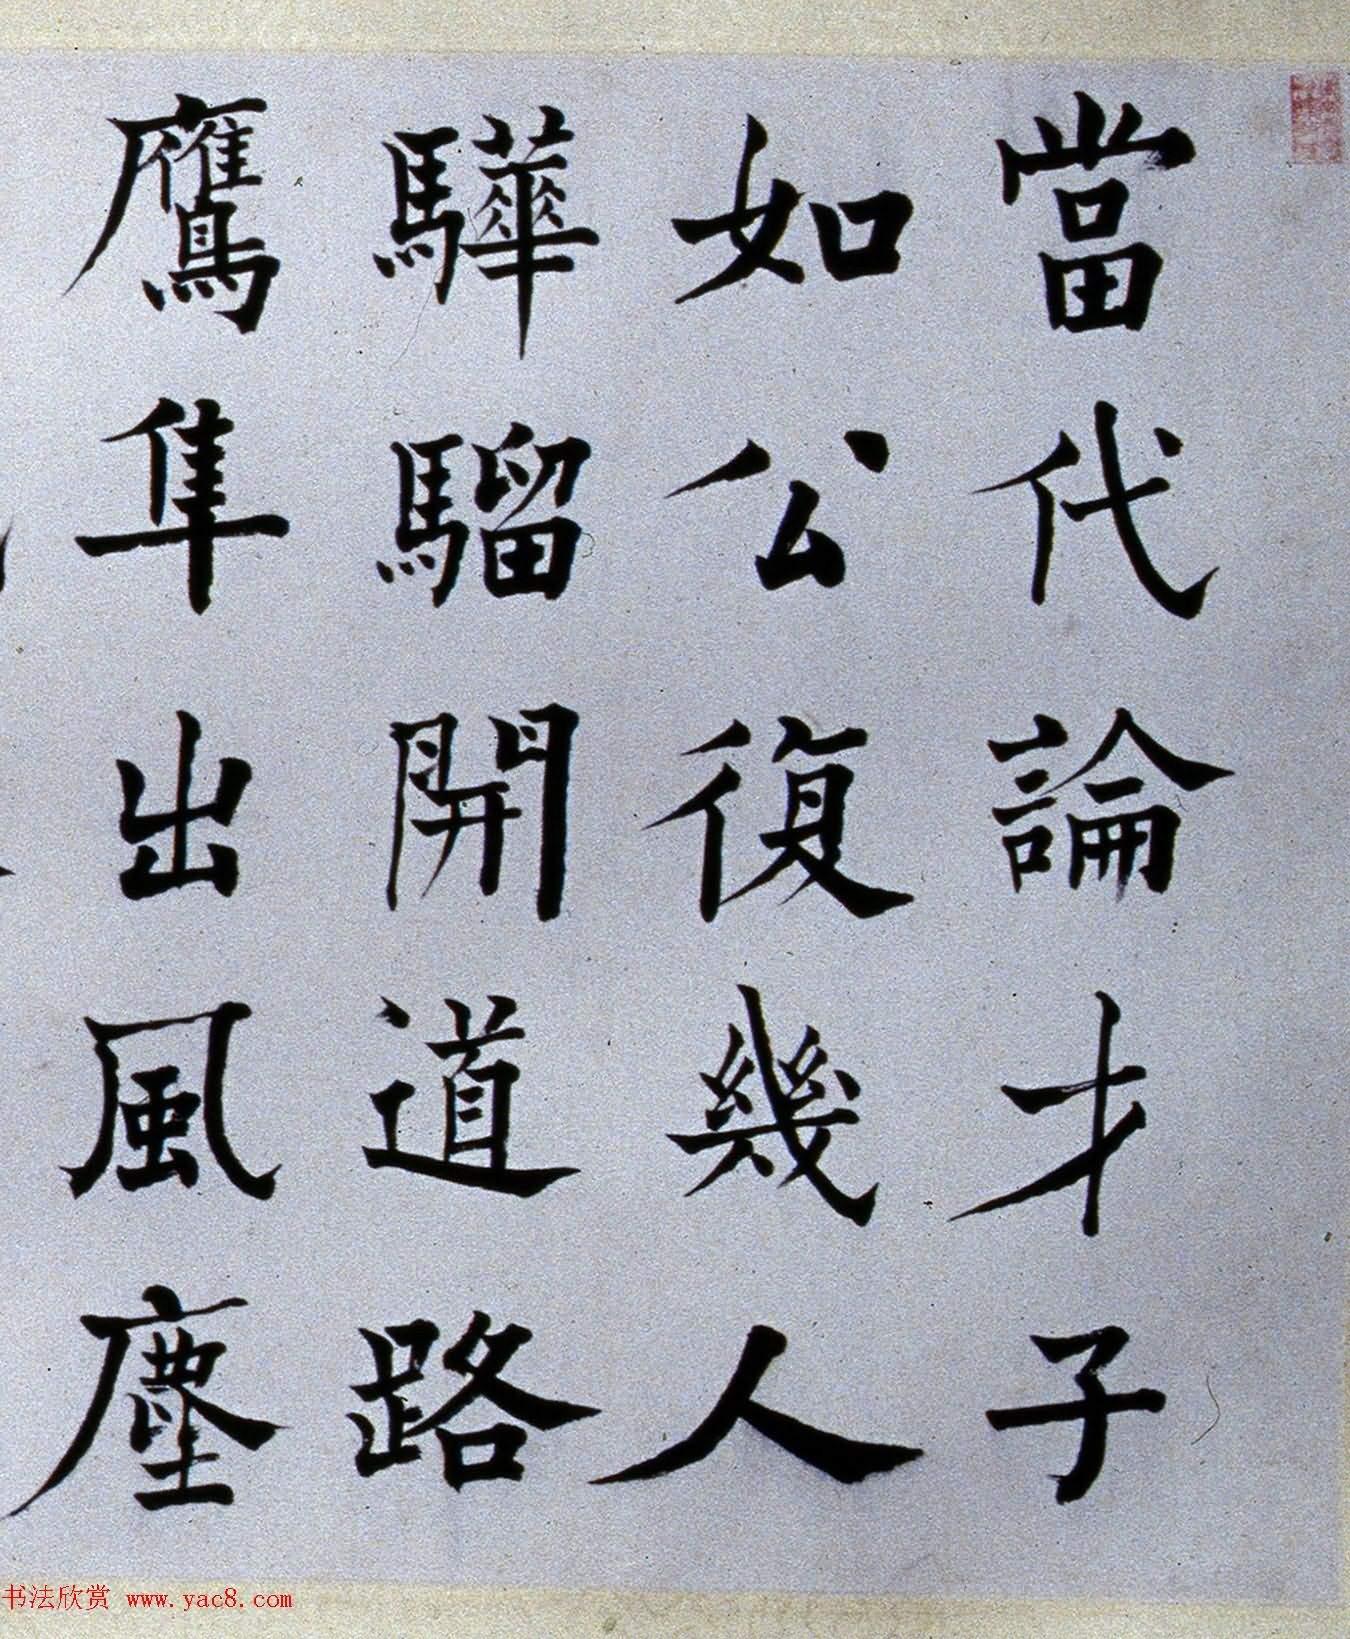 何紹基楷書手卷《杜甫詩三首》(共6張圖片)